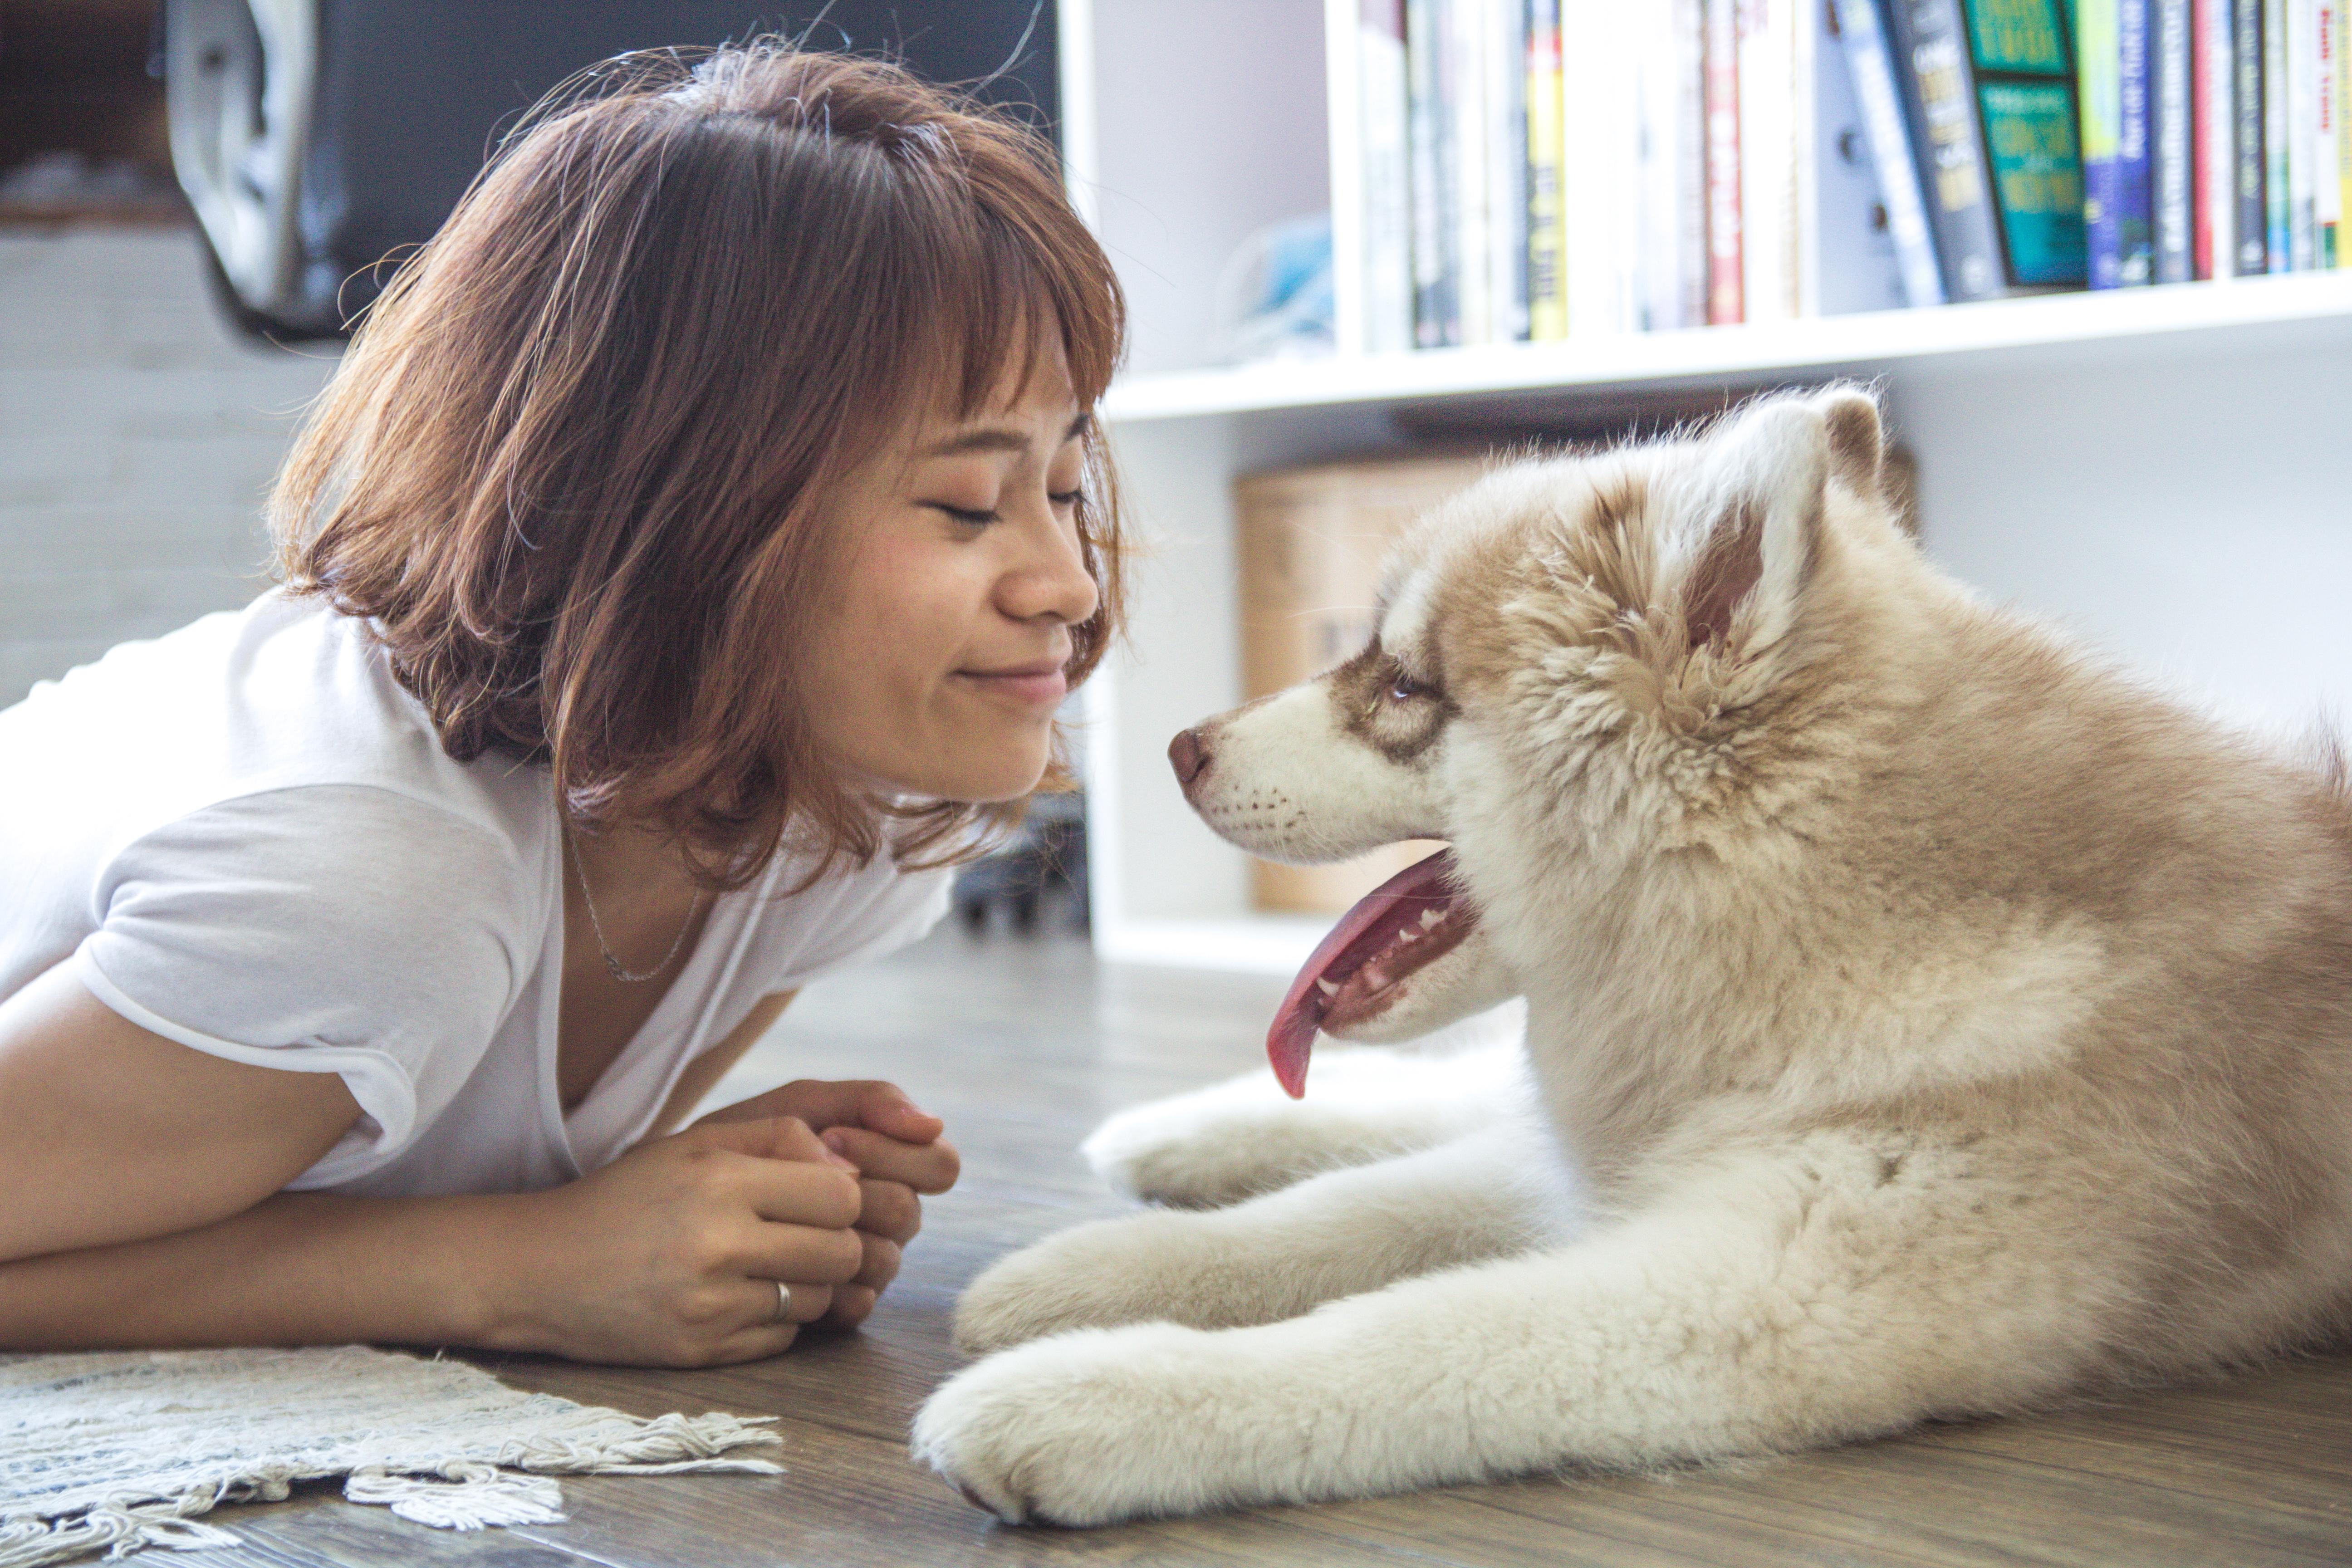 Lodi o Snack: cosa preferiscono i cani?